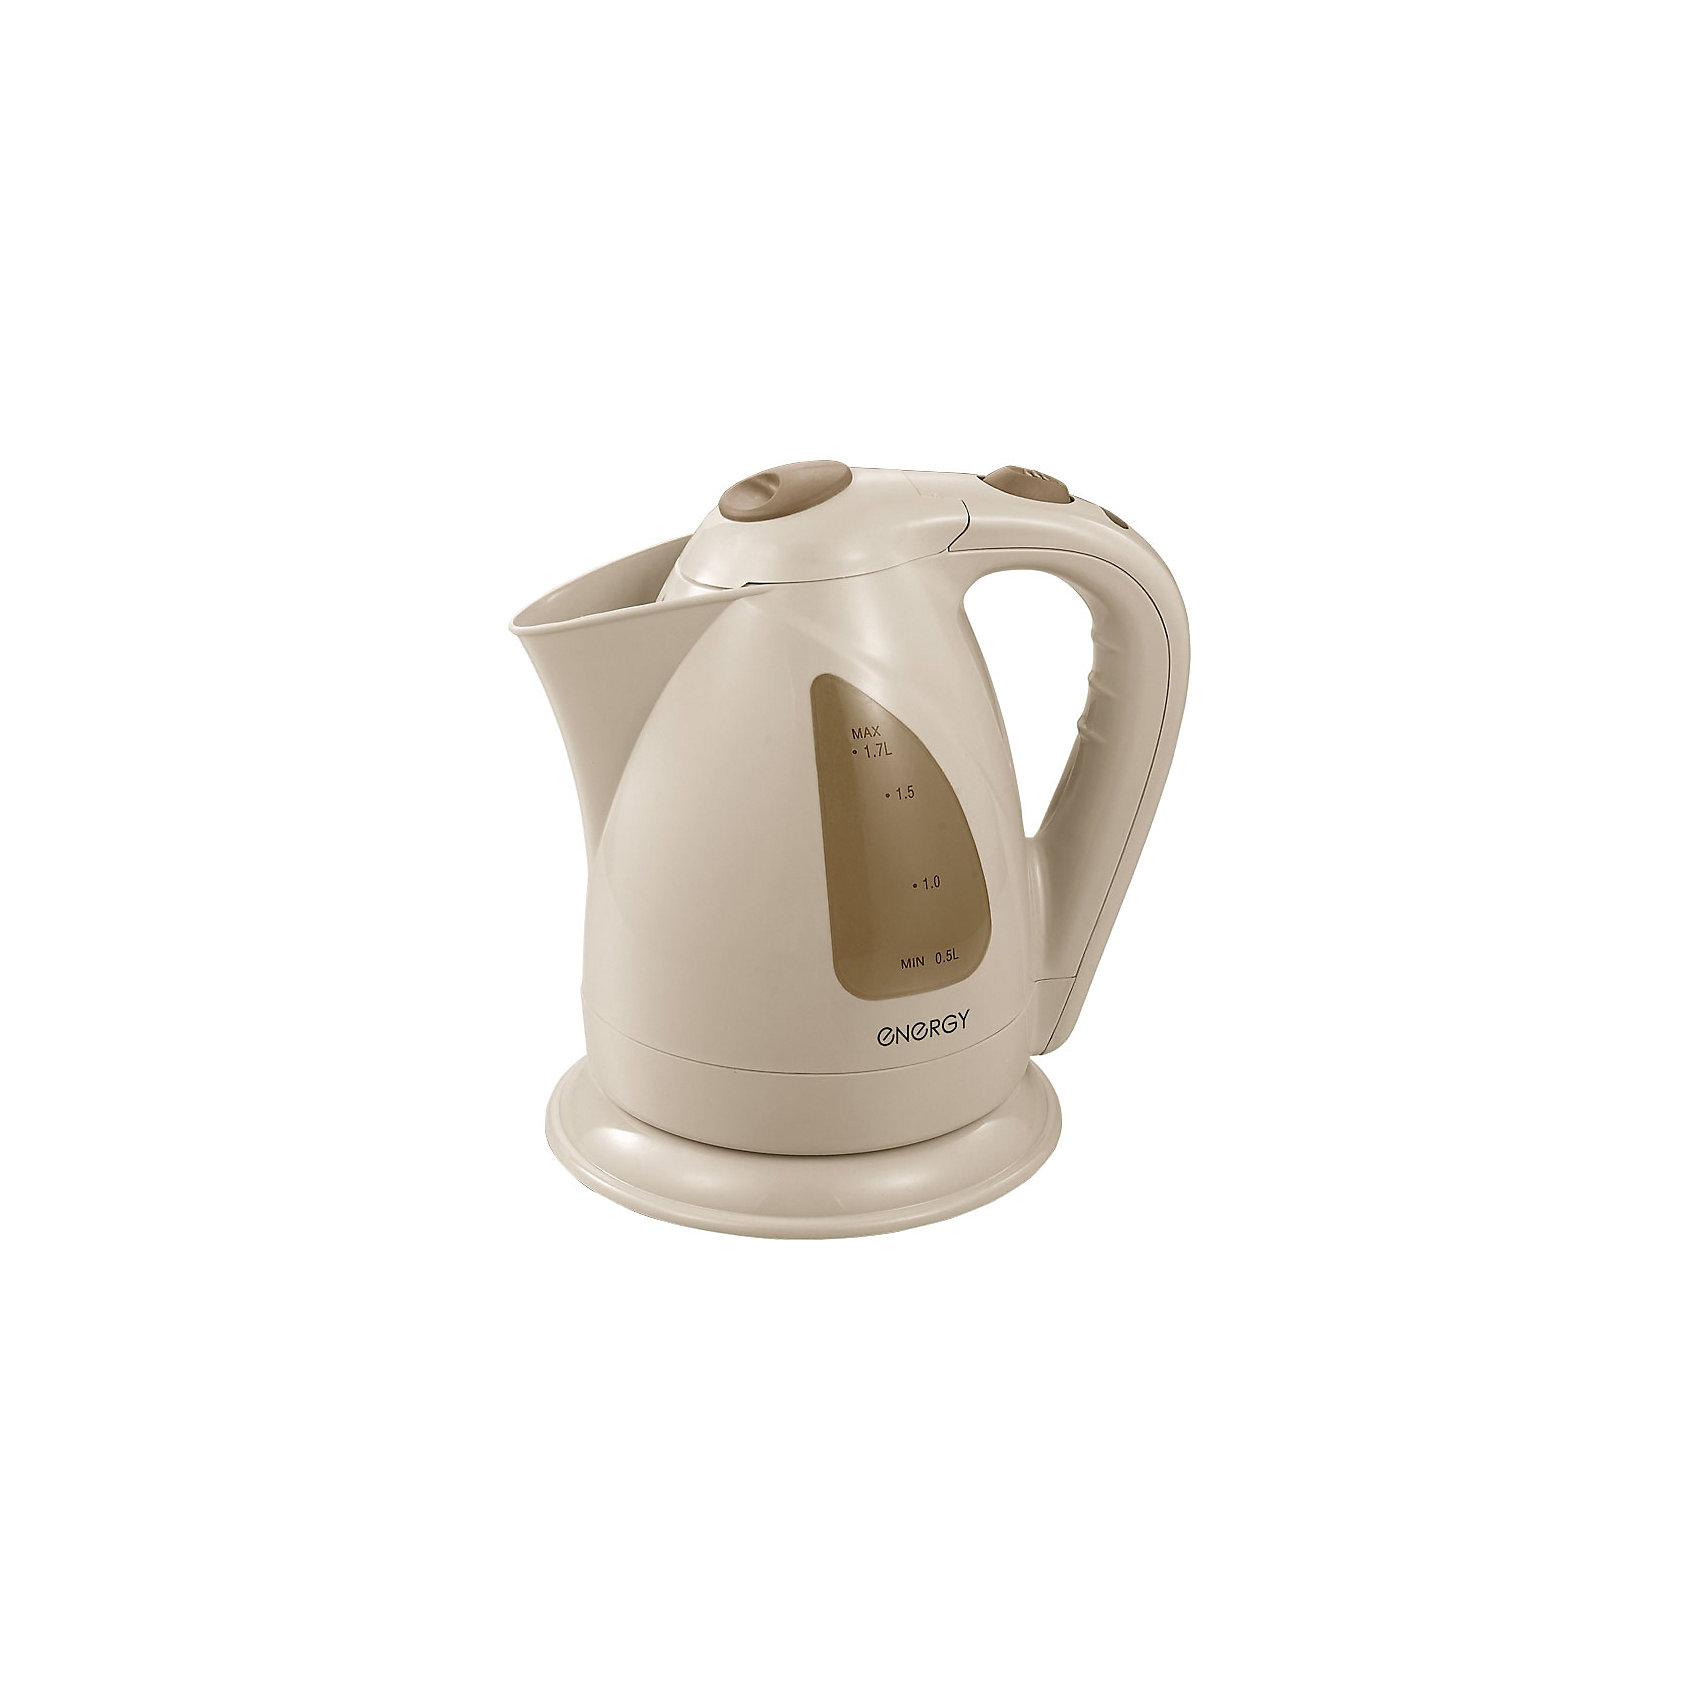 Чайник E-203 (1,7 л, диск), Energy, песочныйБытовая техника для кухни<br>Электрический чайник Energy дает возможность быстро вскипятить воду. Чайник оборудован специальным нагревательным элементом, который закрыт и безопасен. Световой индикатор работы показывает, когда чайник включен. Фильтр чайника можно снять и почистить. Предусмотрена защита во время работы без воды. Шнур прячется в выемку на дне подставки. Чайник на подставке можно поворачивать на 360о. Шкала уровня воды находится на внешней стороне чайника, нанесена на прозрачное пластиковое окошко.<br><br>Дополнительная информация:<br><br>Размер чайника: 22,5х22х17,5 см<br>Объем чайника: 1,7 л<br><br>Материал: пластик, металл, кабель<br><br>Мощность: 1850-2200Вт<br>Напряжение: 220-240В, 50/60Гц<br> <br>Чайник E-203 (1,7 л, диск), Energy, песочный можно купить в нашем интернет-магазине.<br><br>Ширина мм: 220<br>Глубина мм: 170<br>Высота мм: 230<br>Вес г: 1094<br>Возраст от месяцев: 216<br>Возраст до месяцев: 1080<br>Пол: Унисекс<br>Возраст: Детский<br>SKU: 4989882